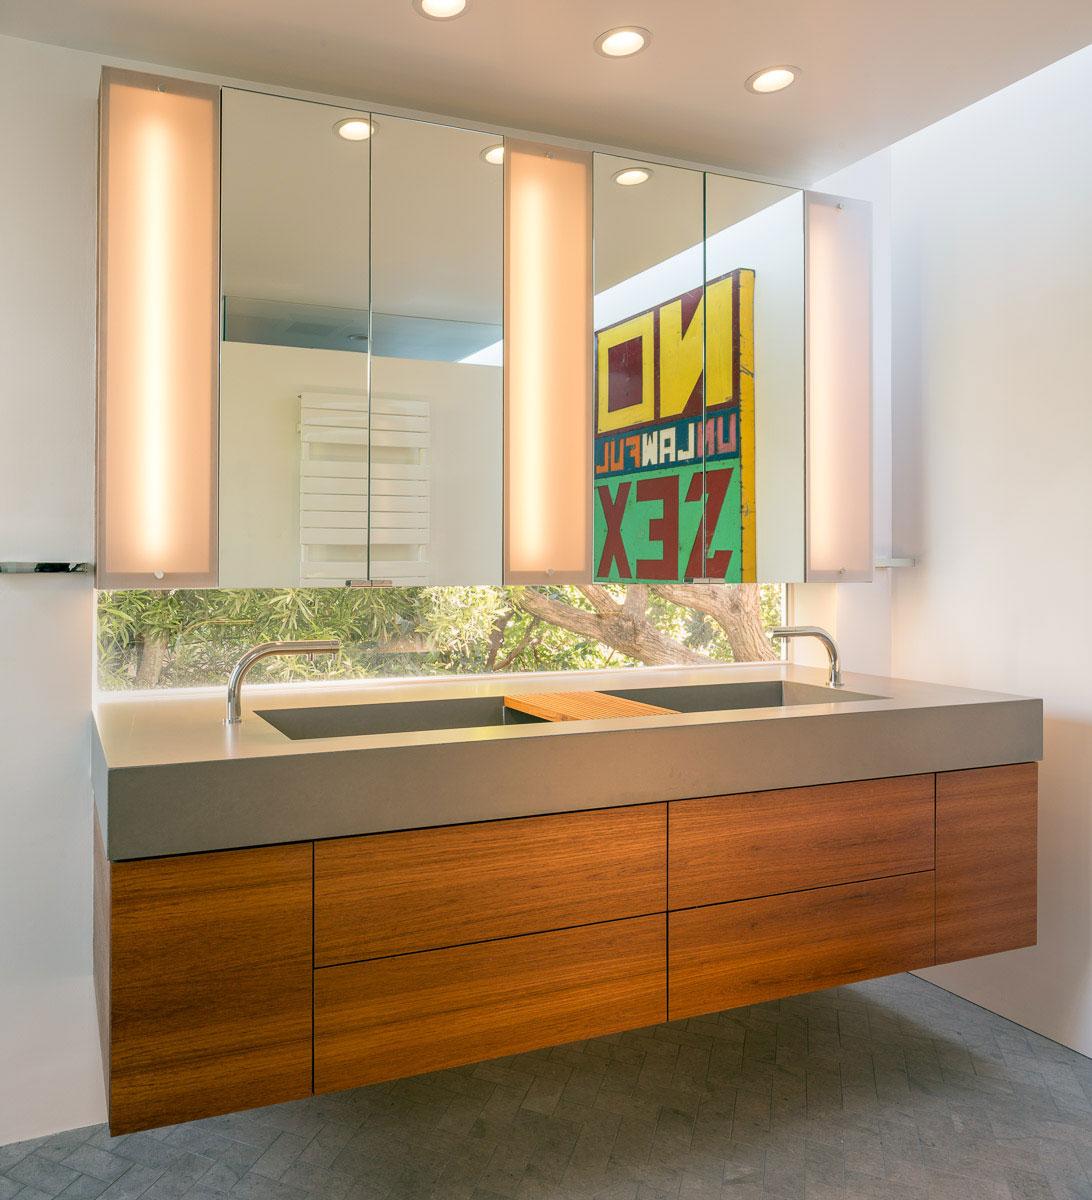 Bathroom Remodel in San Francisco Jeff King  Company